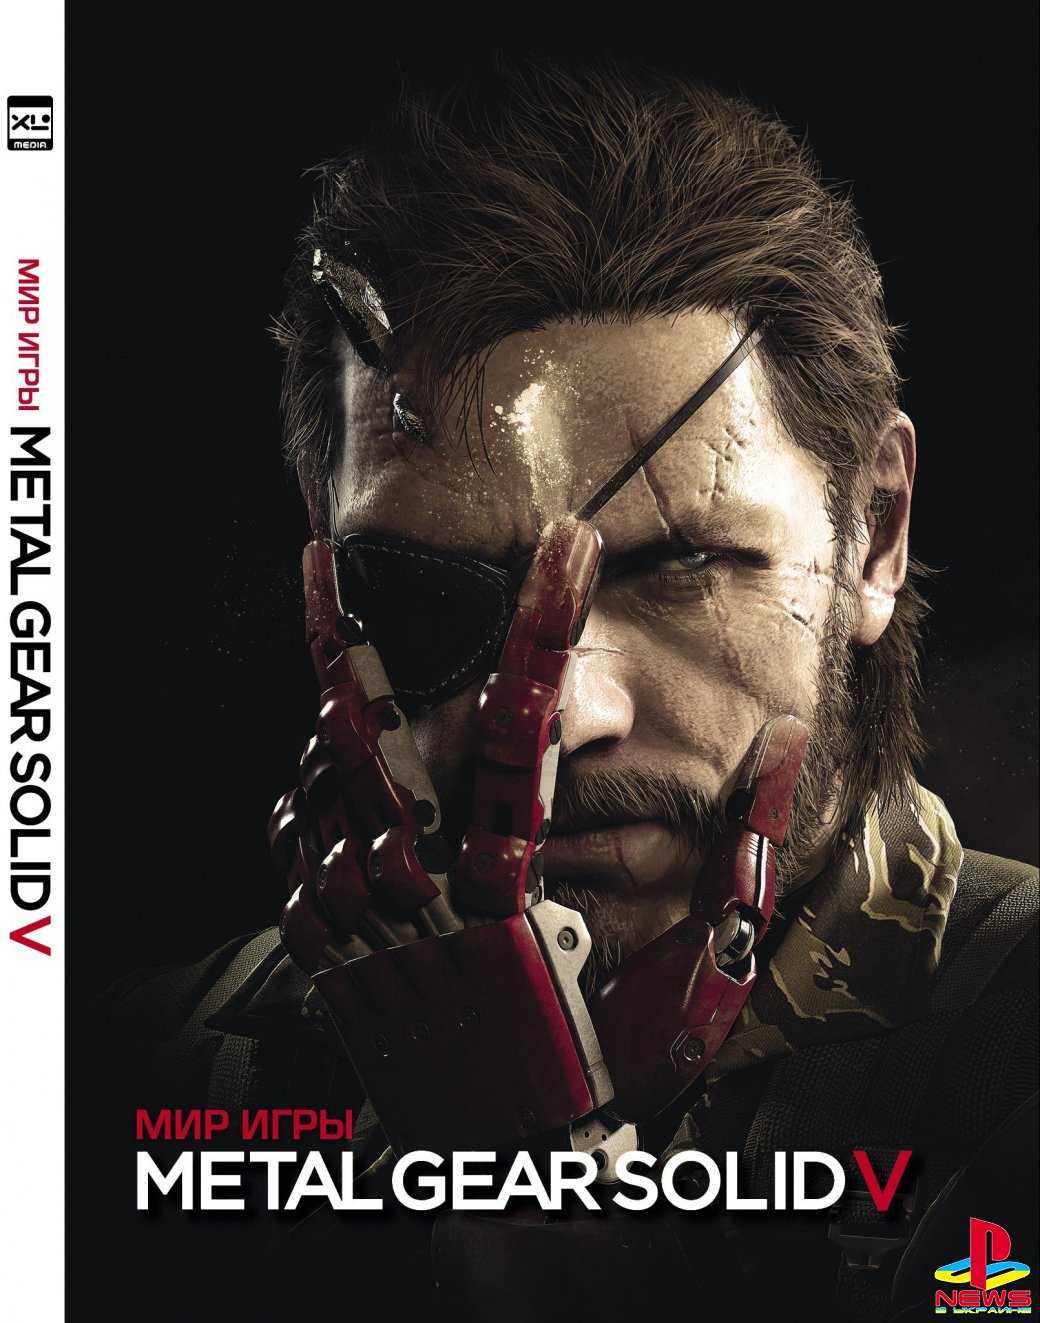 Konami задержала выход артбука «Мир игры Metal Gear Solid 5» в России